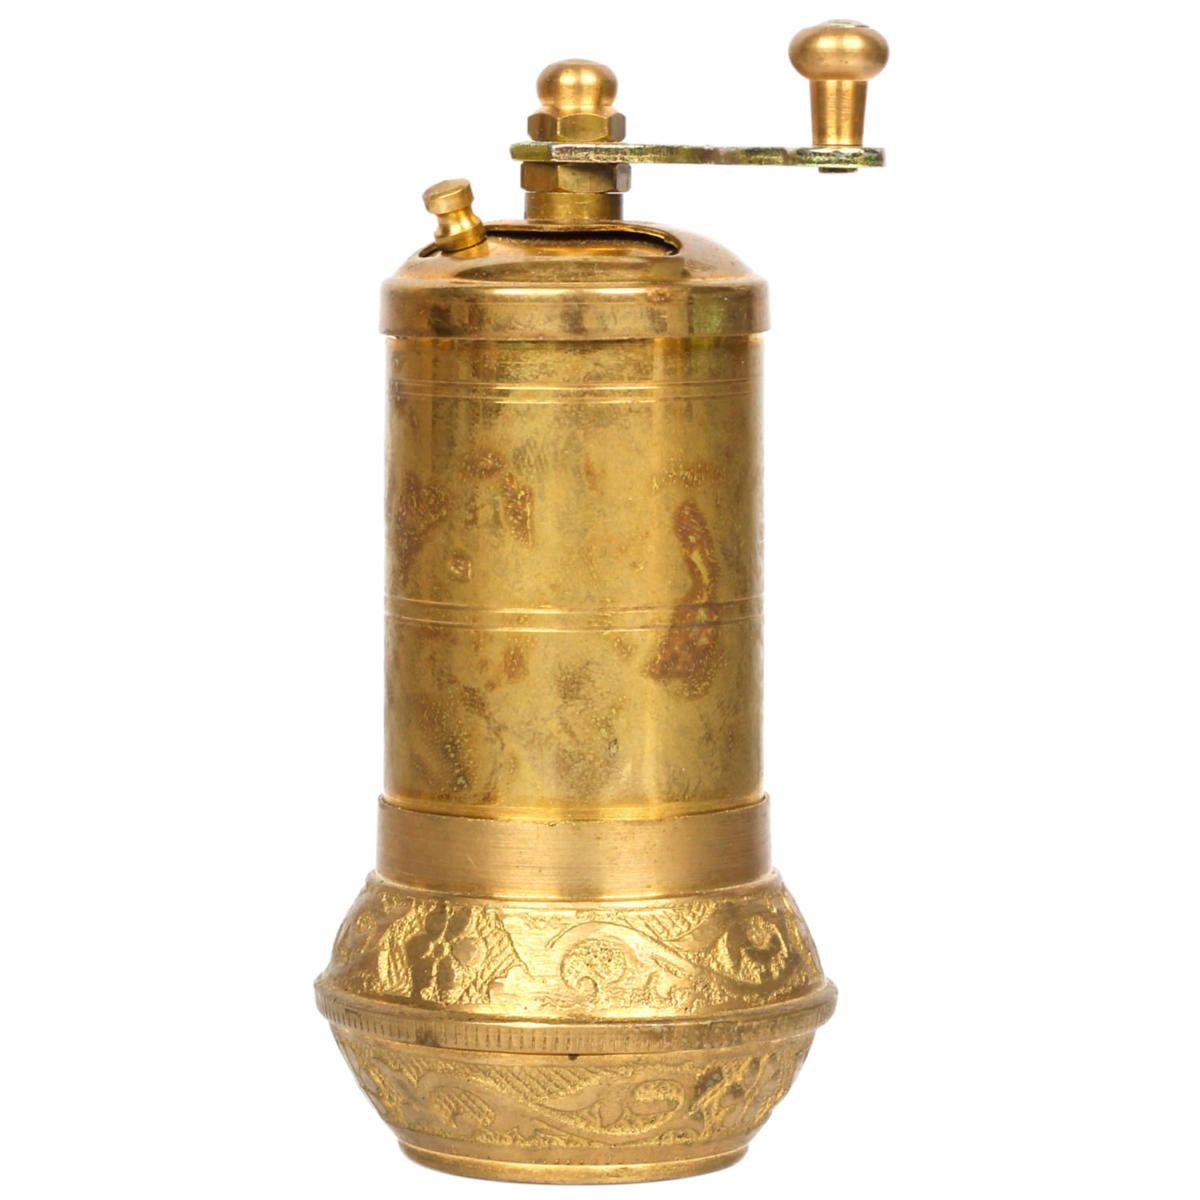 Antique Brass Turkish Brass Salt Pepper Spice Grinder Mill